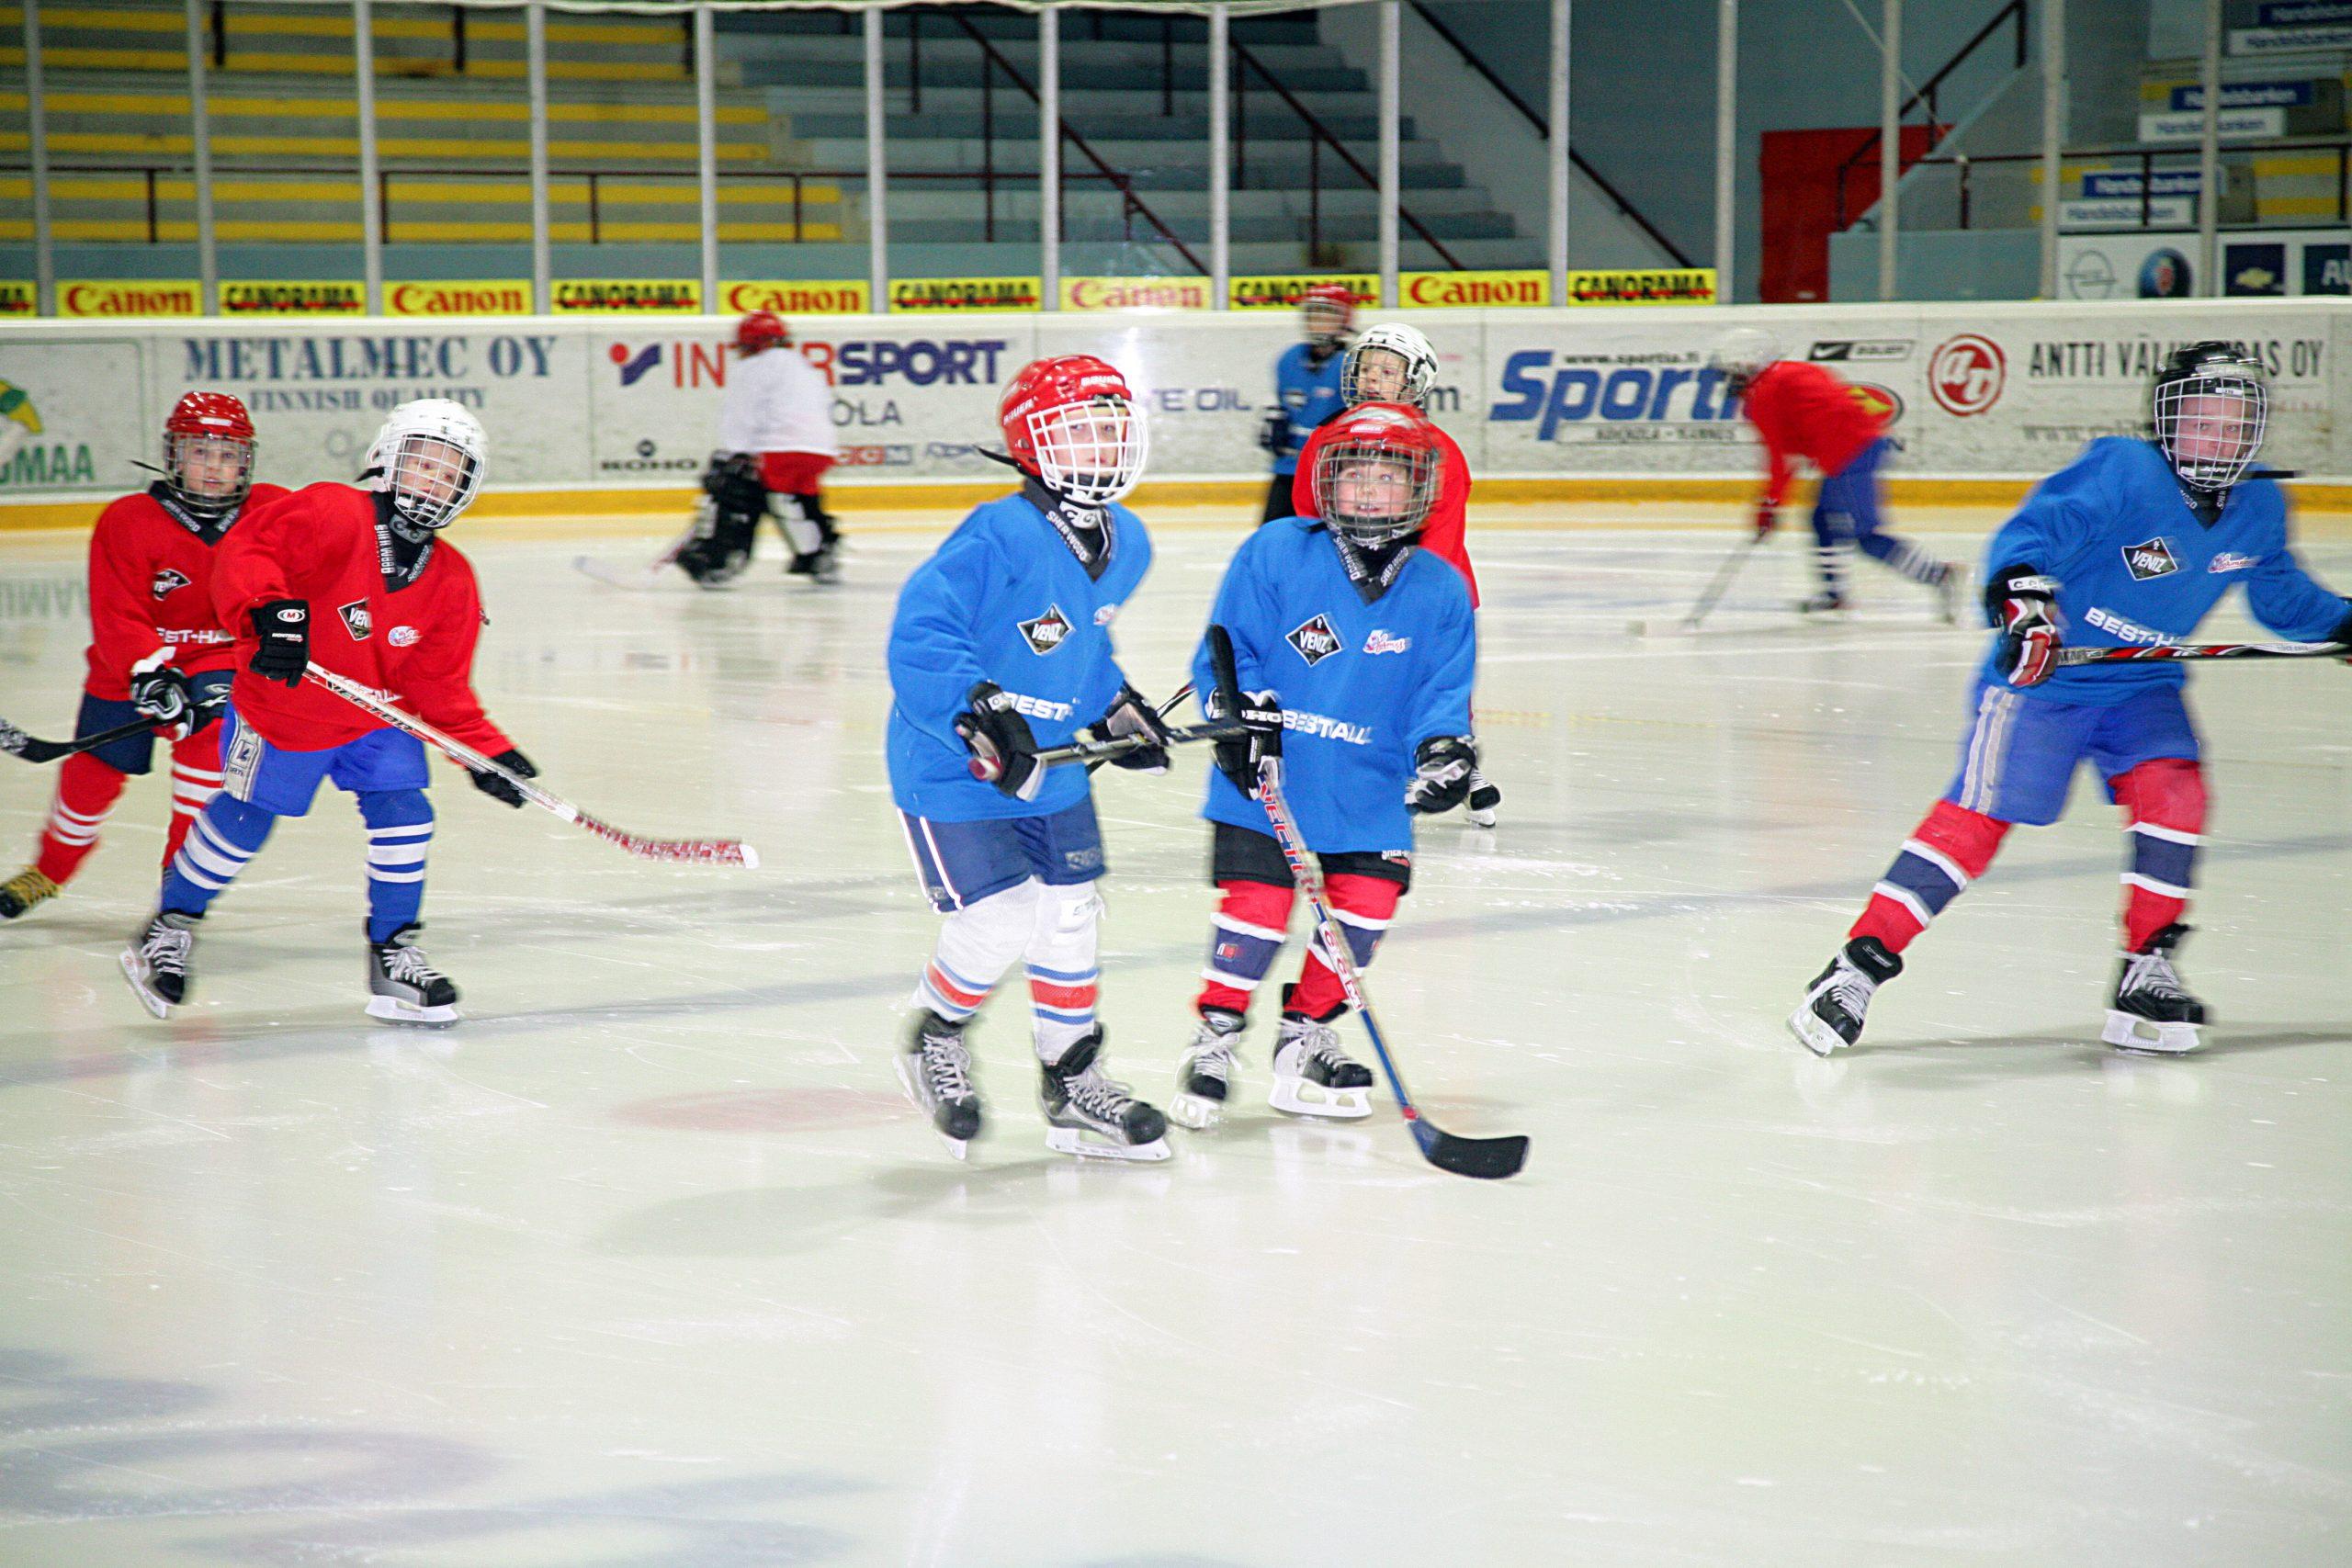 Kuvassa jääkiekkojunioreita Kokkolan jäähallissa